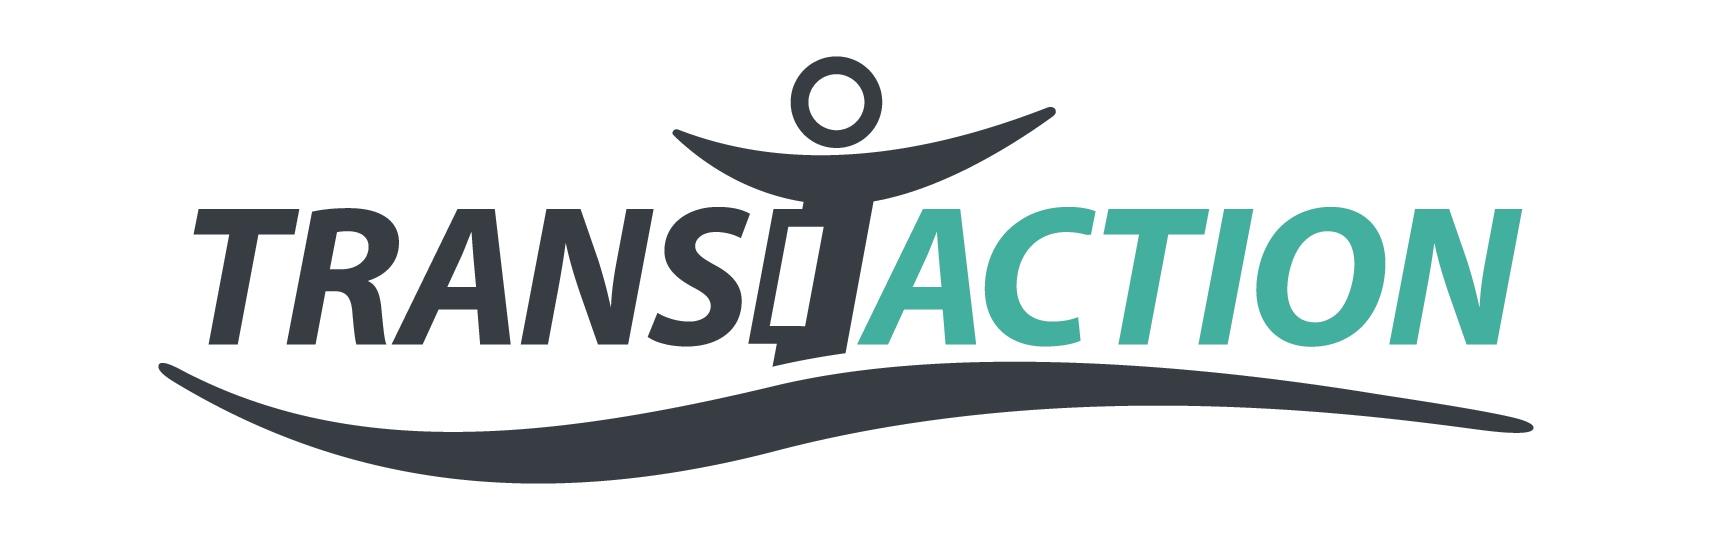 TransitAction logo long